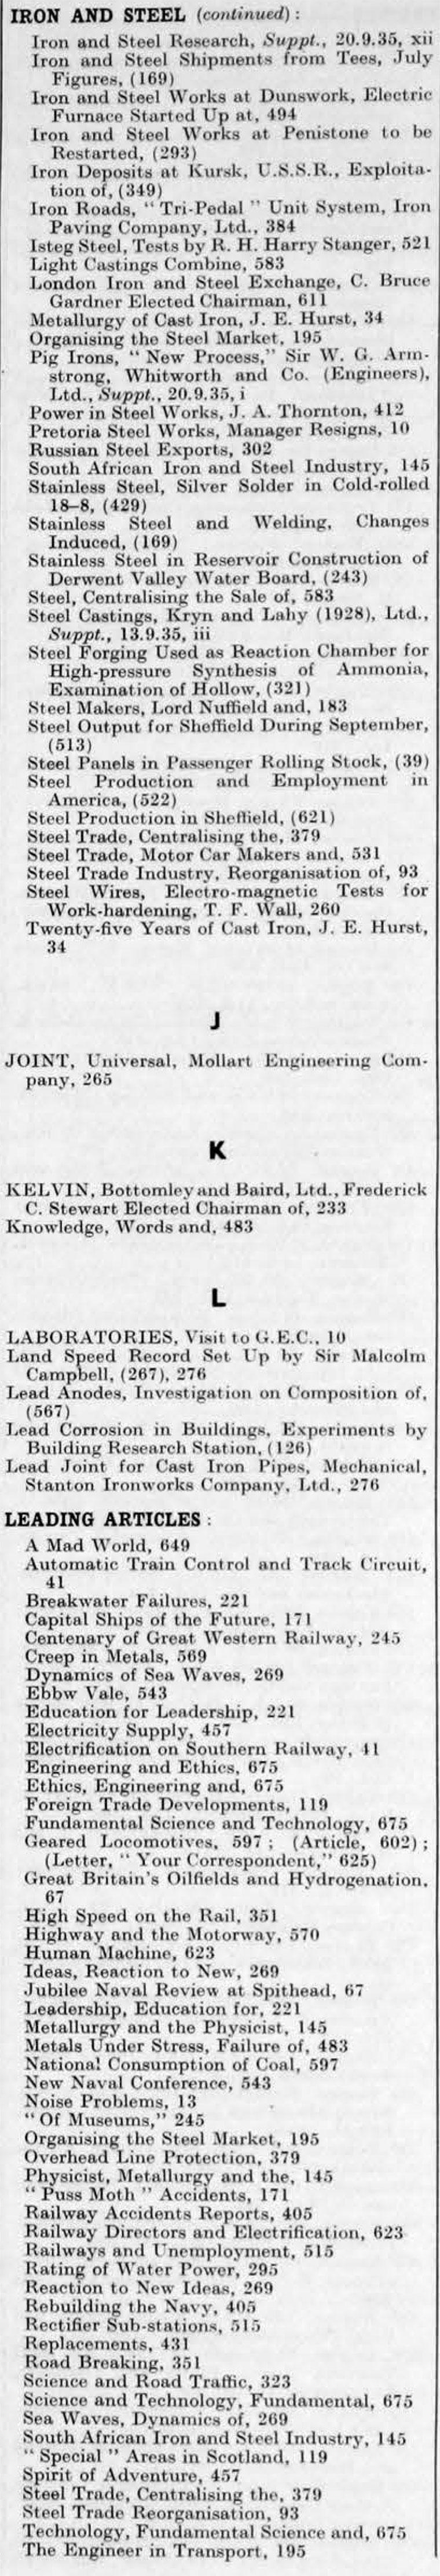 Le Comptoir 126 Lille the engineer 1935 jul-dec: index - graces guide